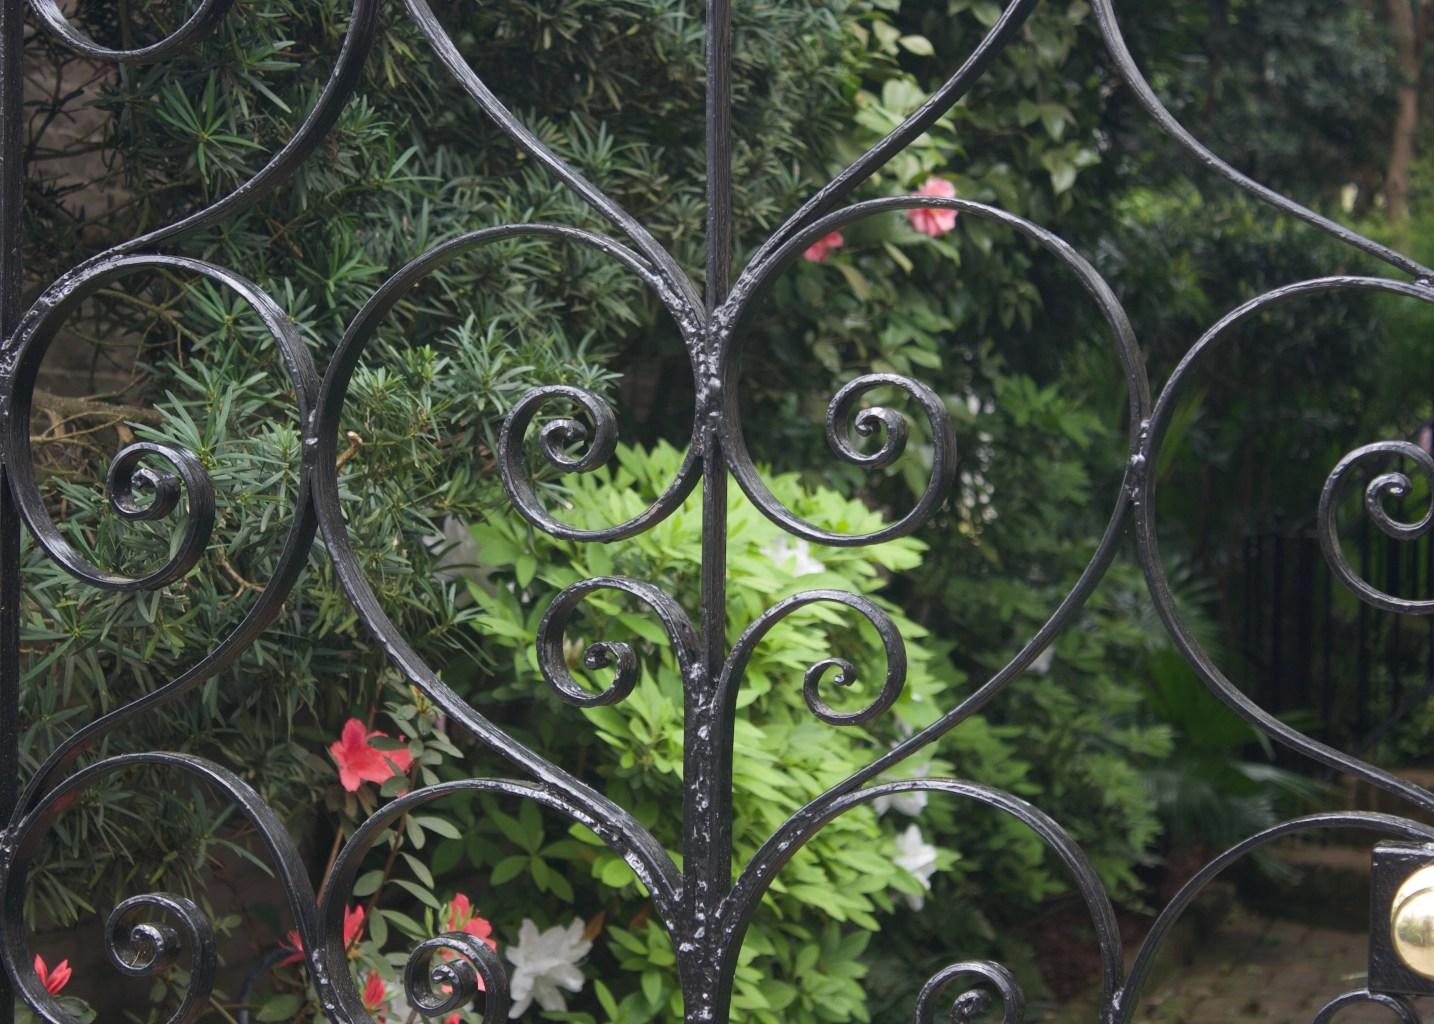 Wrought iron fense